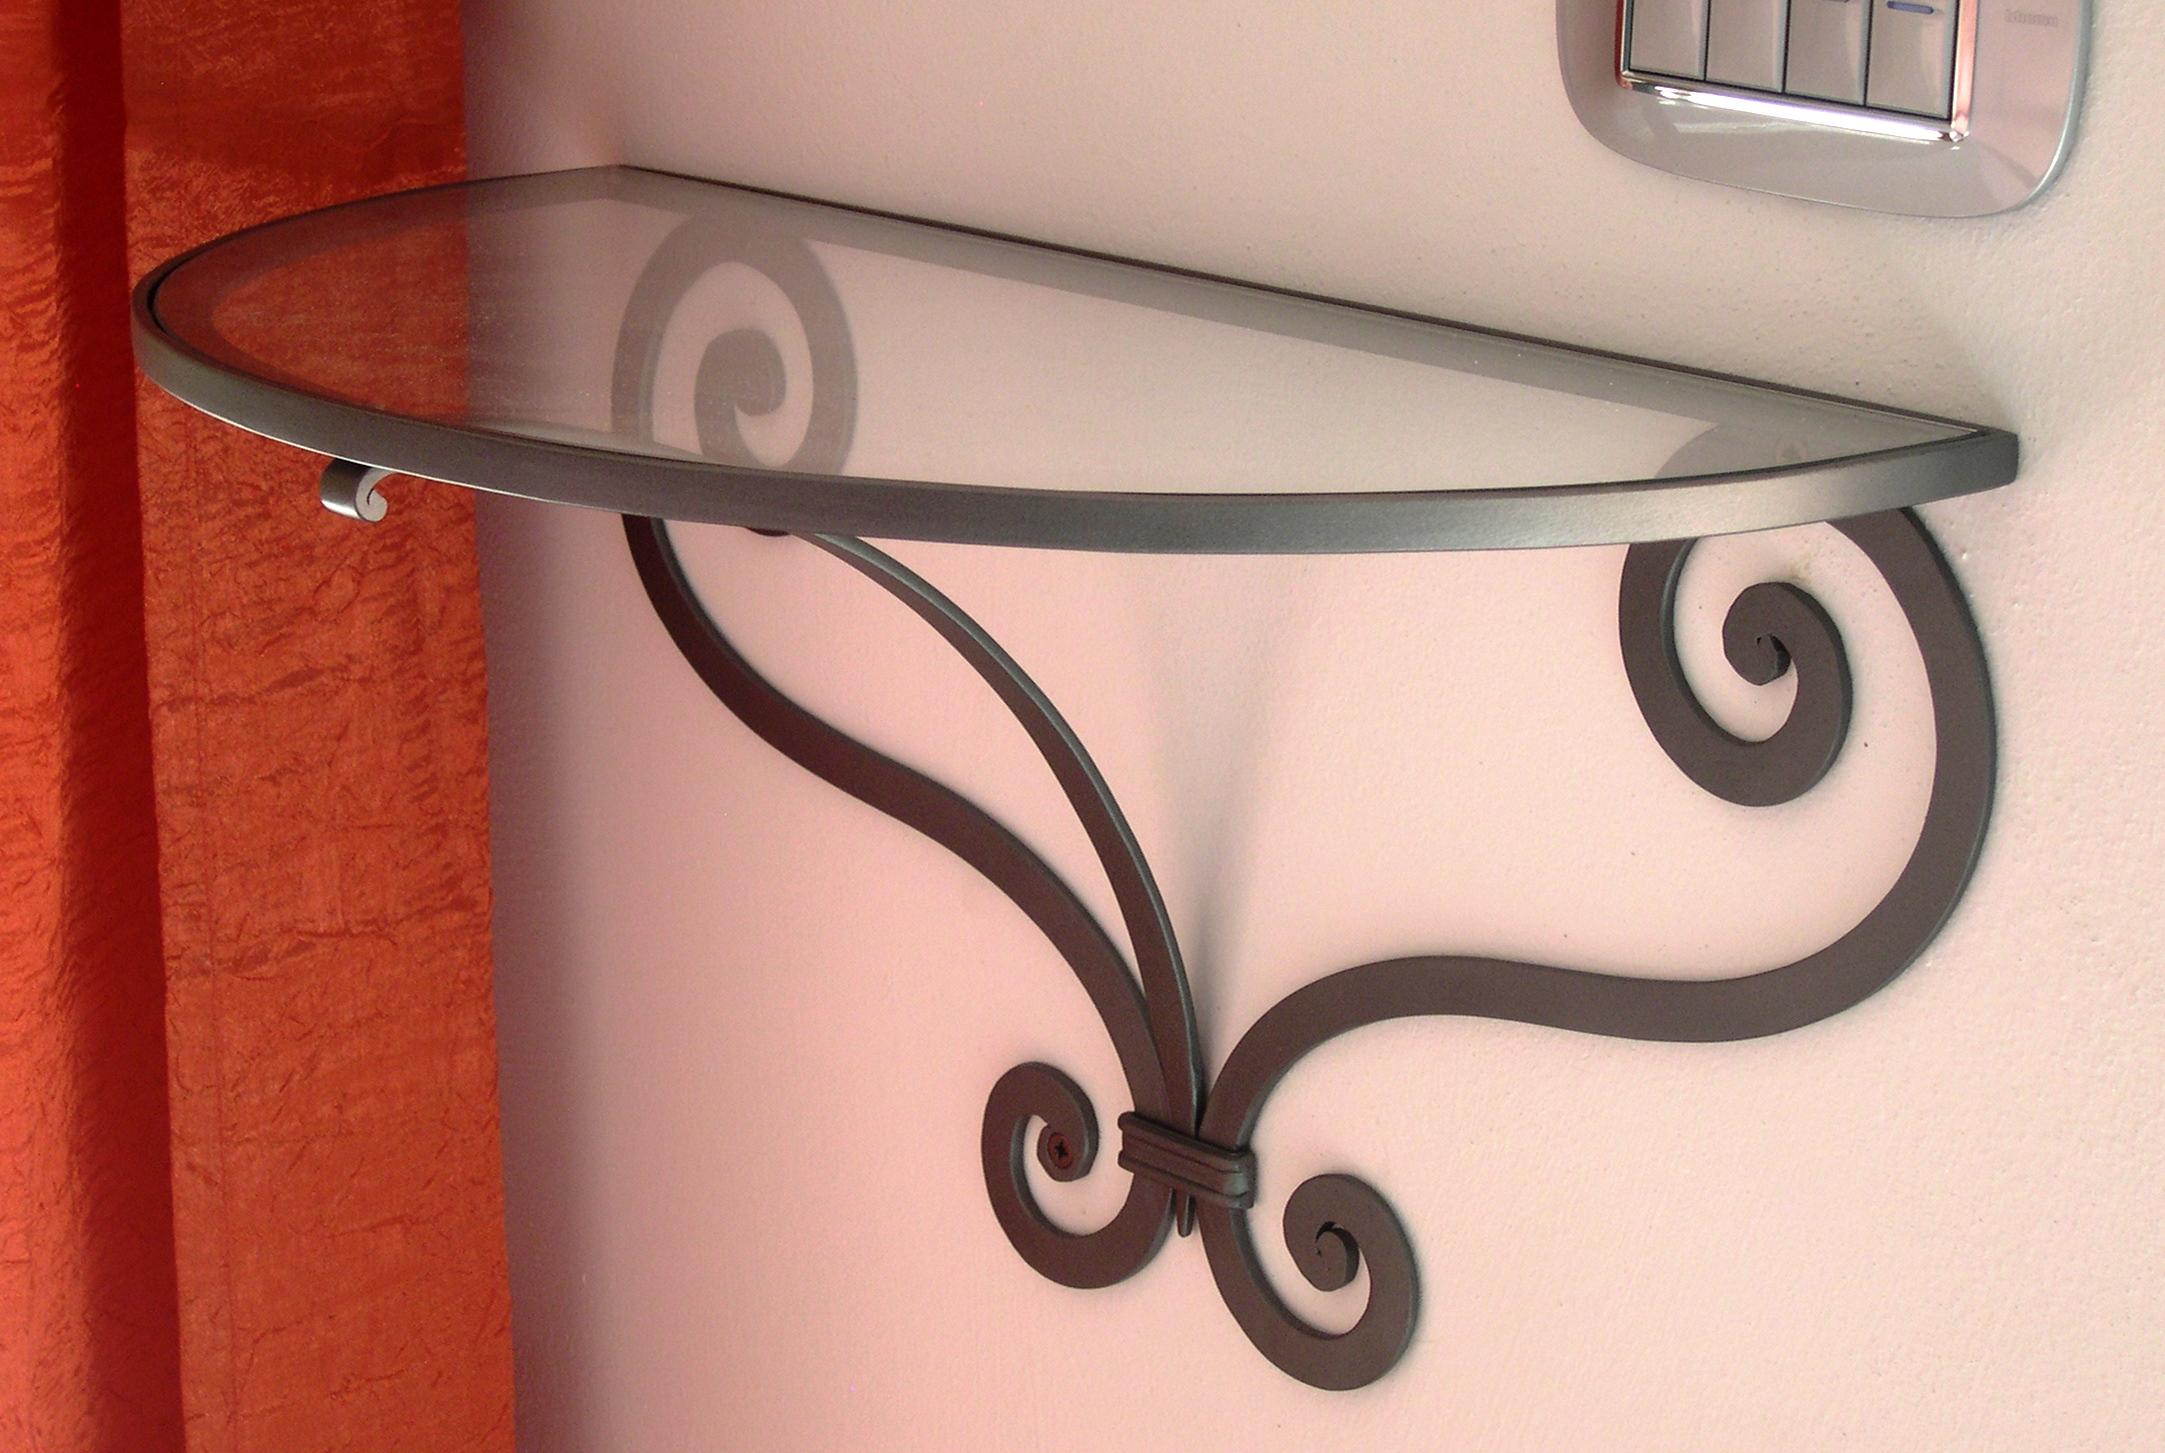 Mensole ferro battuto e vetro idea d 39 immagine di decorazione for Mensole in ferro battuto